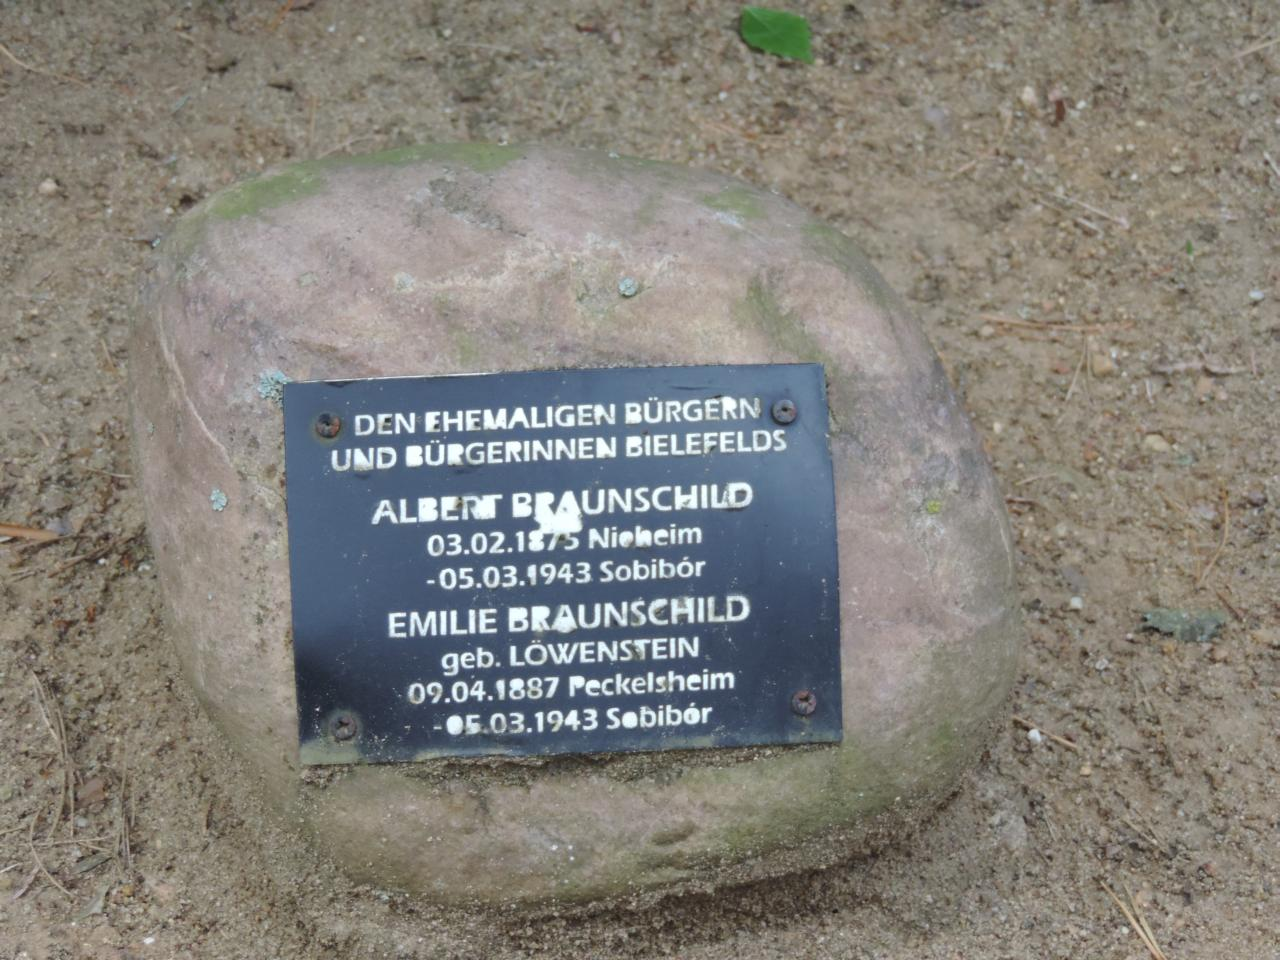 Albert Braunschild Emilie Braunschild